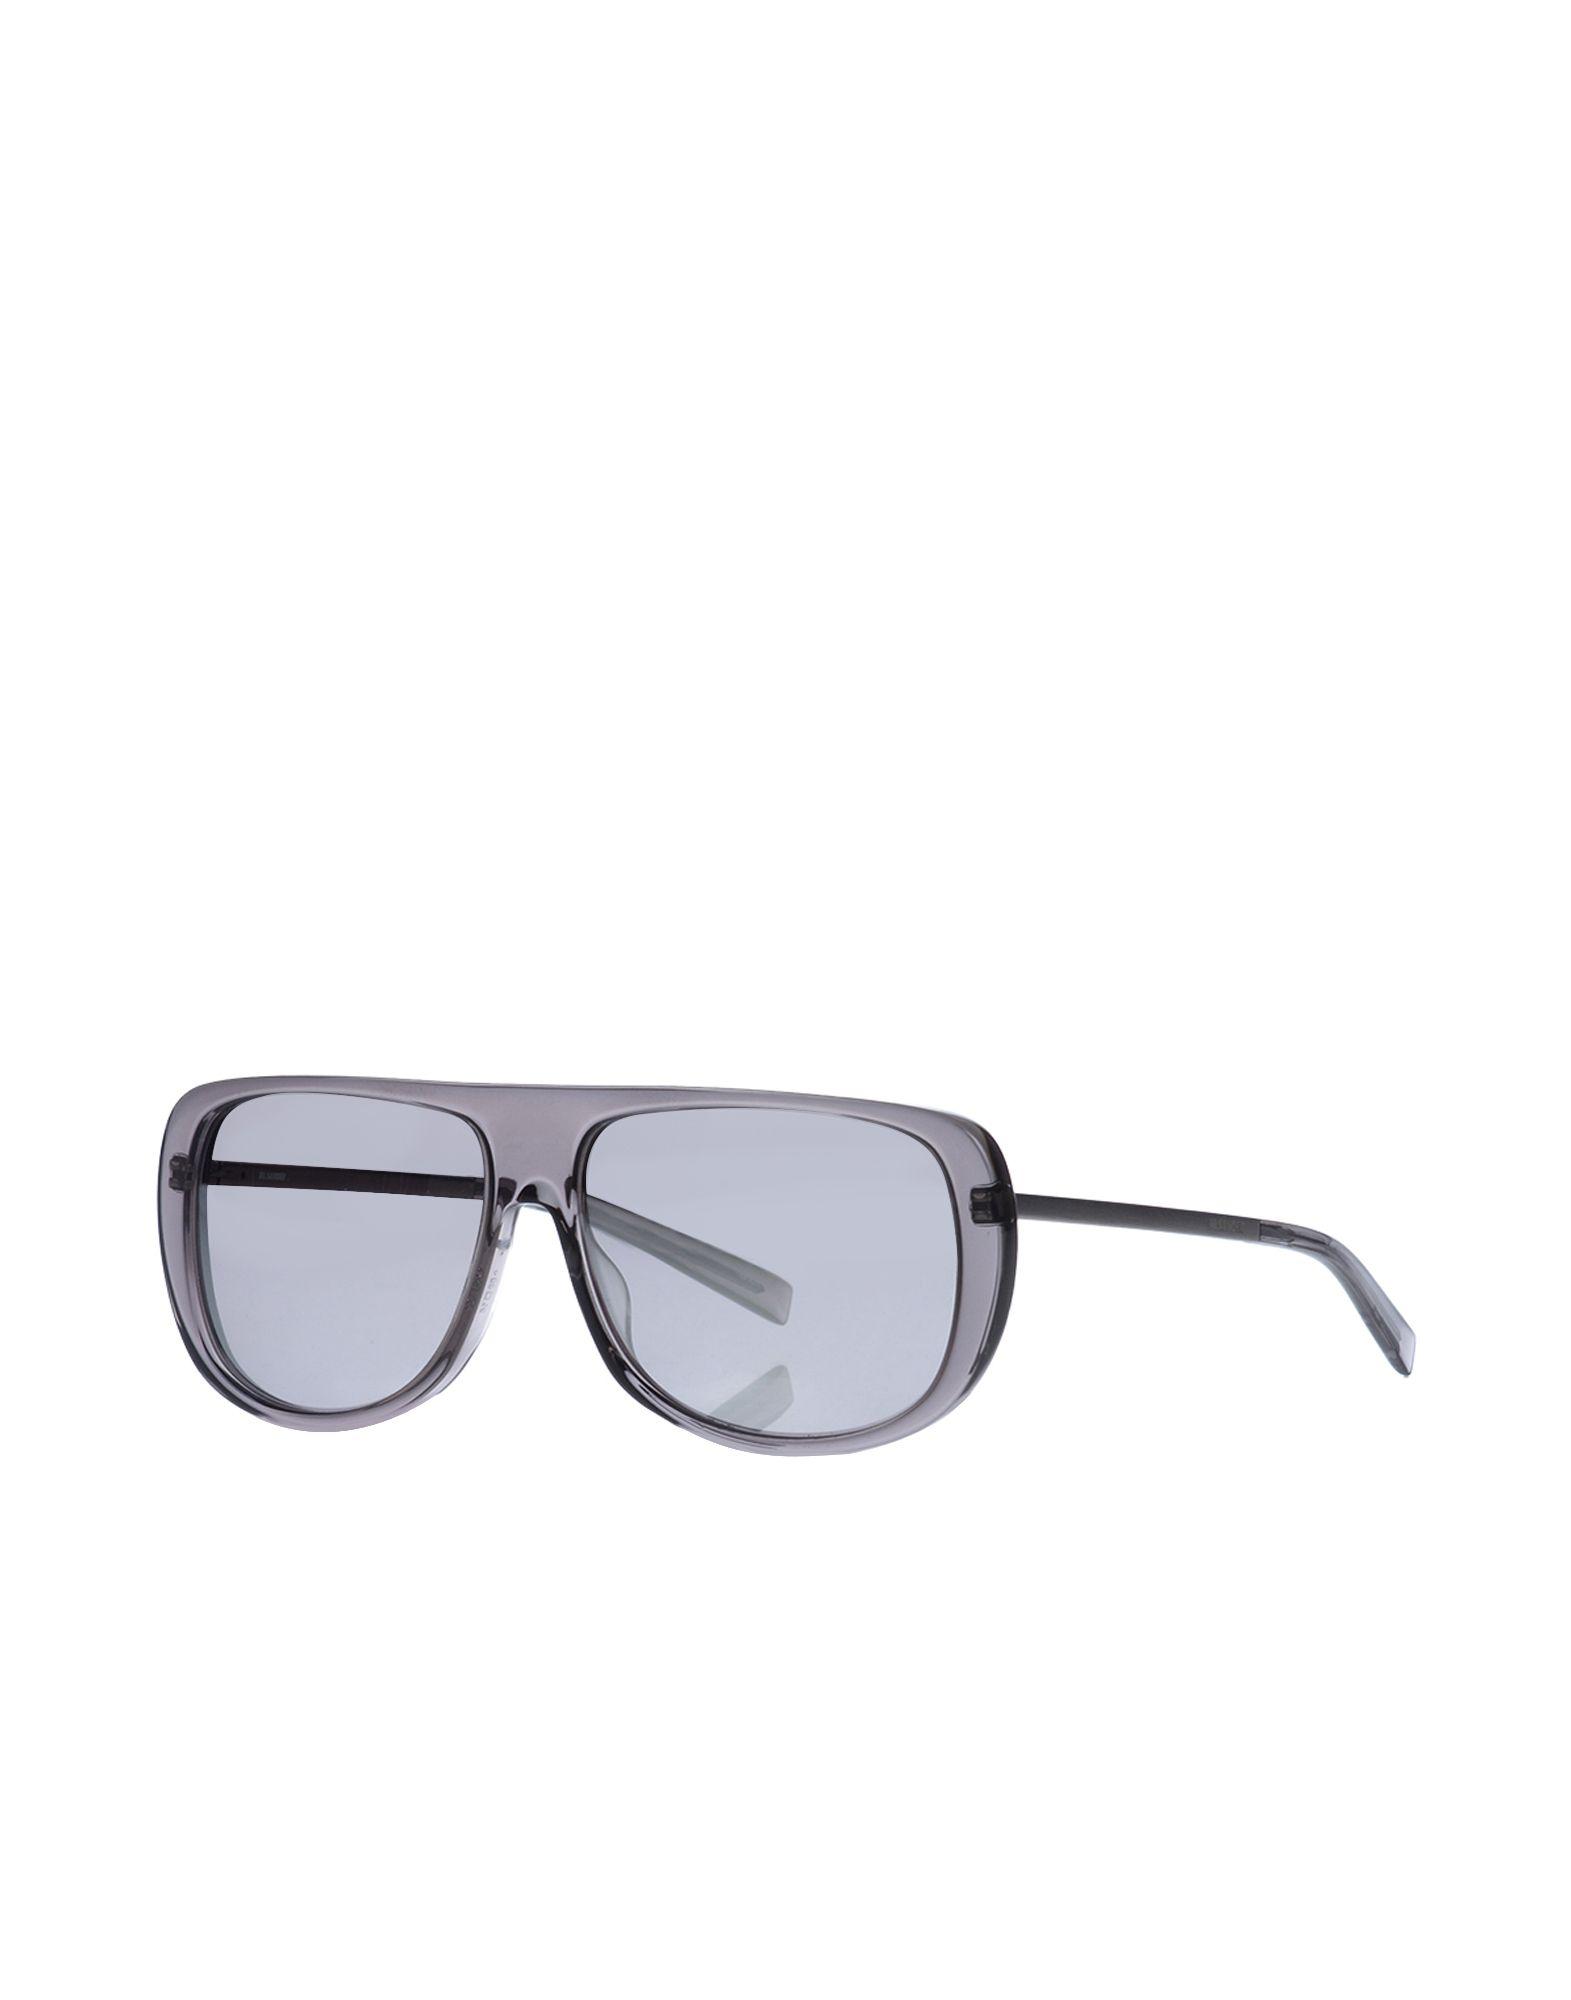 JIL SANDER Солнечные очки arena tracks mirror арт 9237055 зеркальные линзы